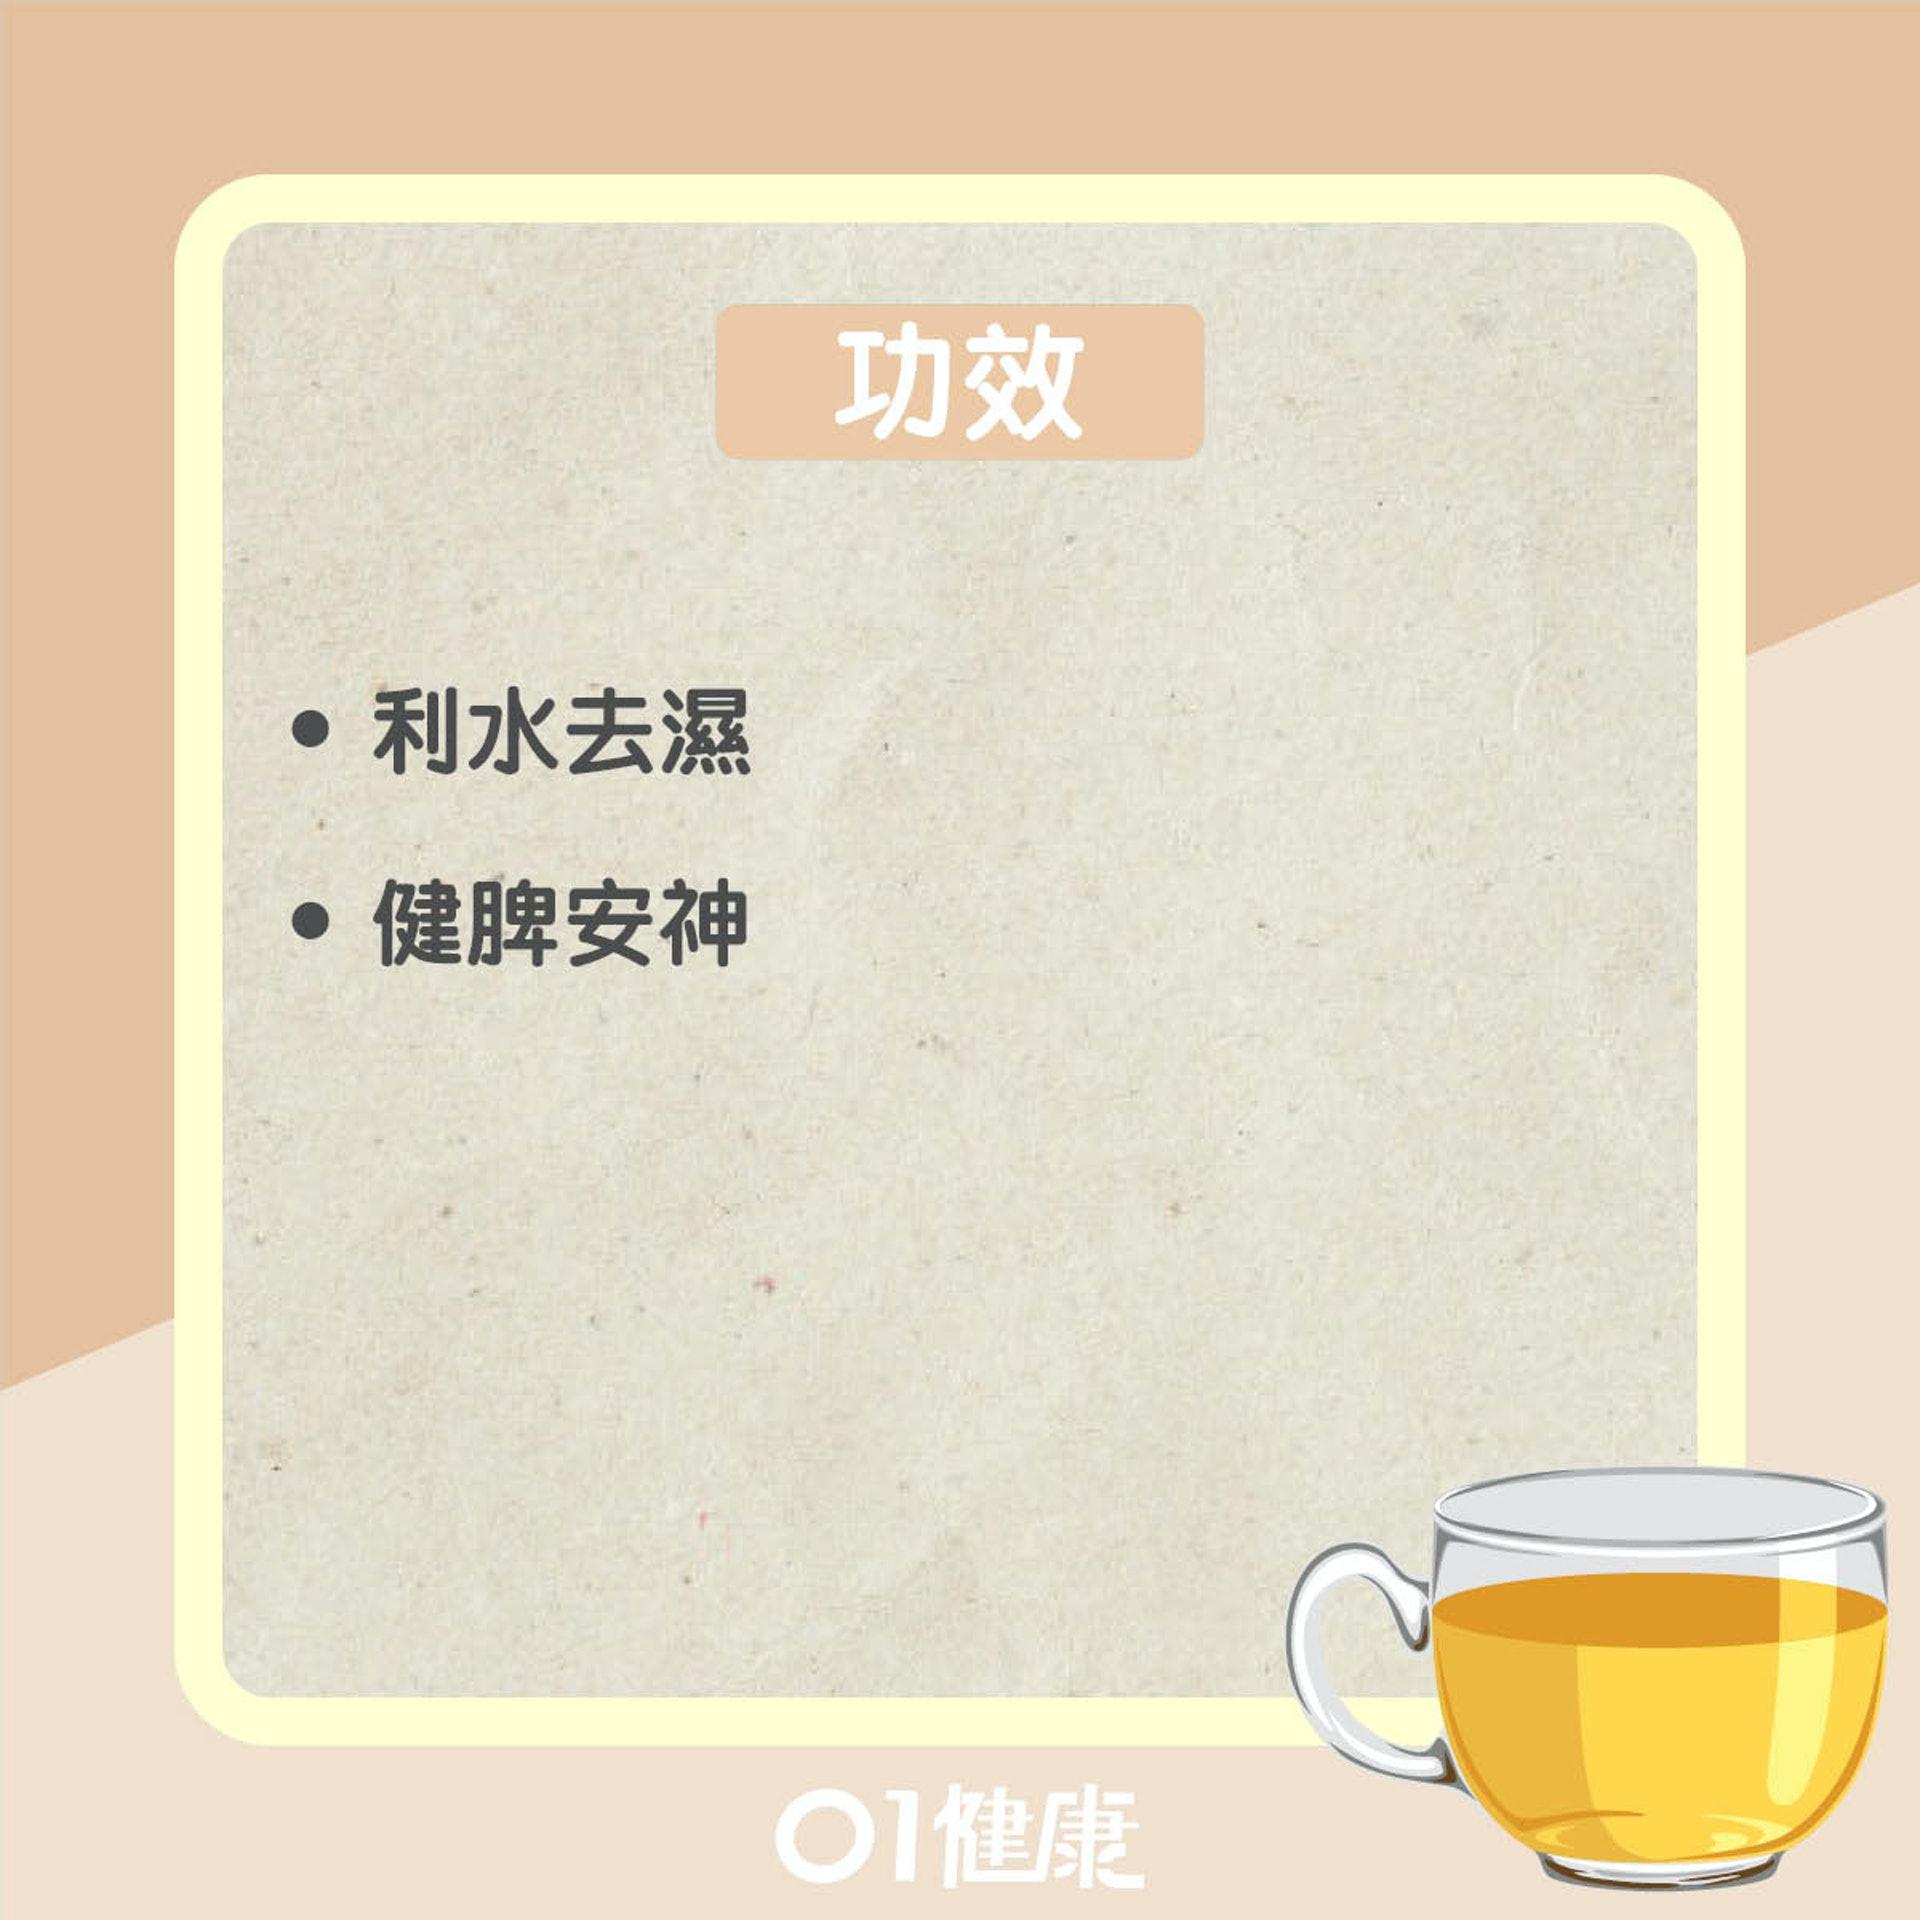 茯苓茶知多啲(01製圖)